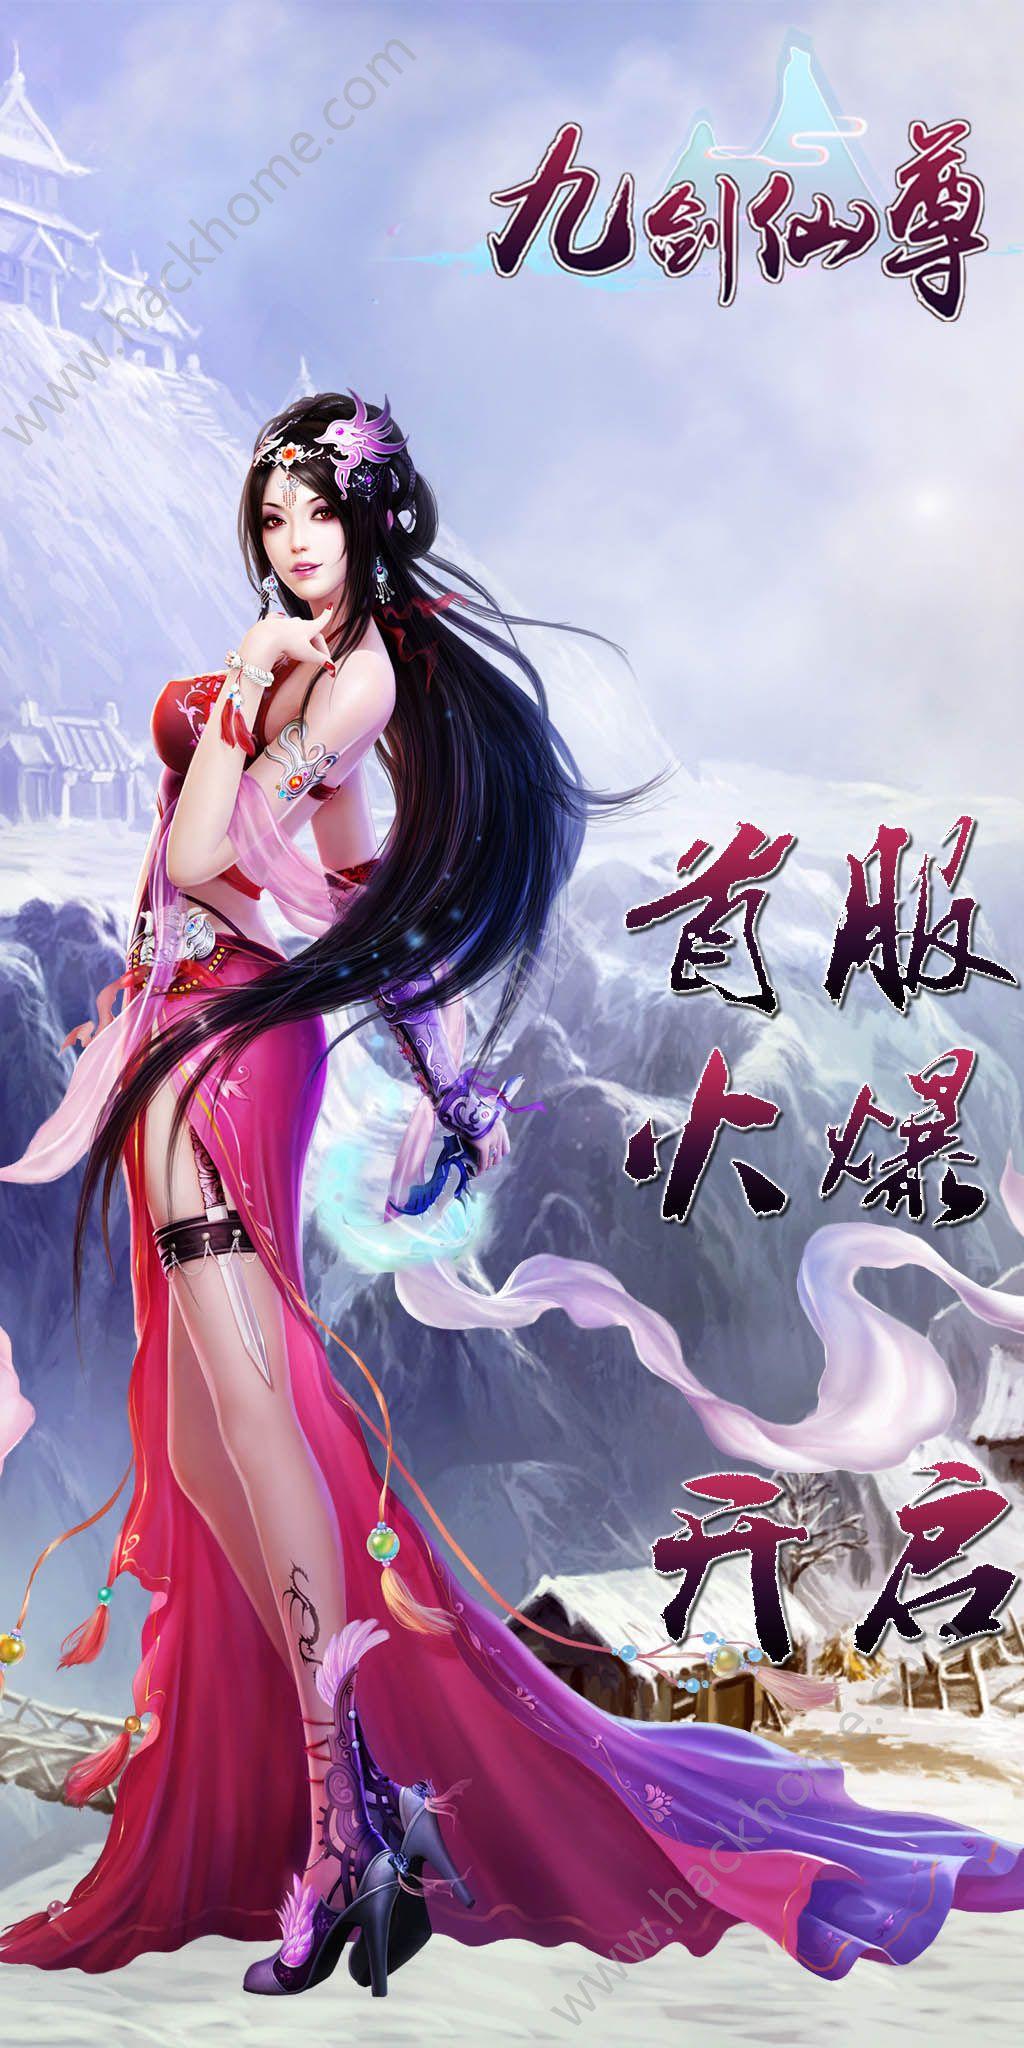 无忧玩九剑仙尊官方网站唯一正版图4: